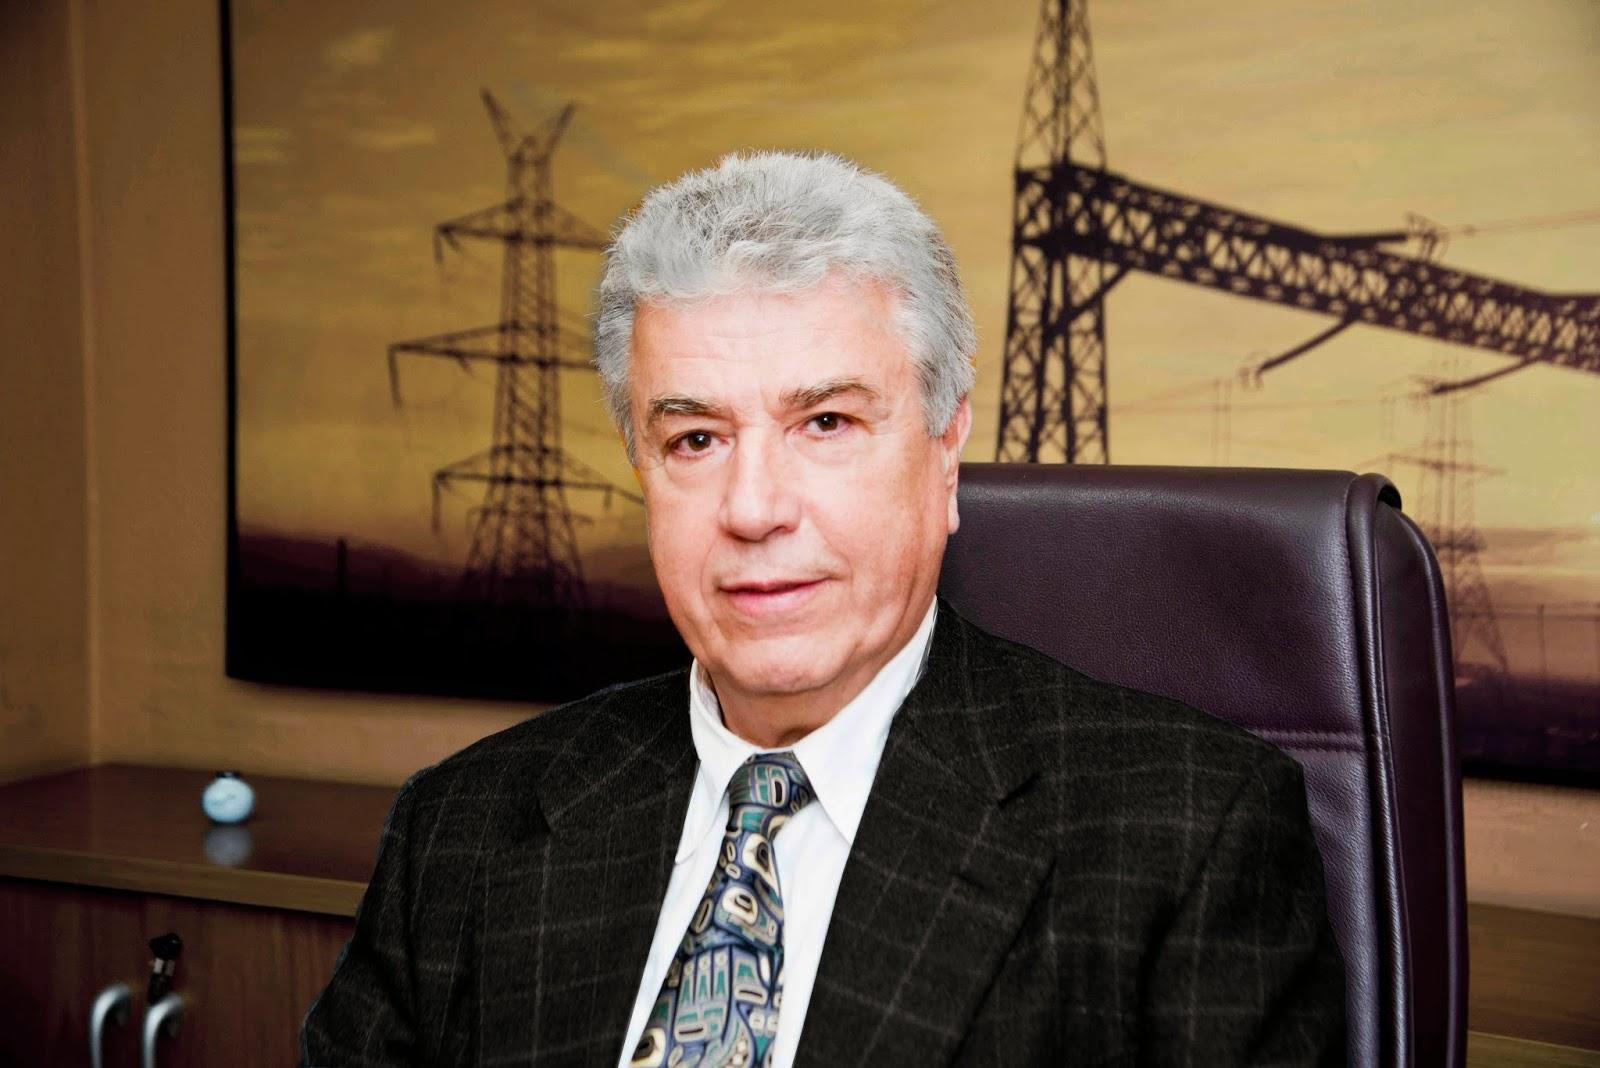 Σχέδια για συμπράξεις της ΔΕΗ στην παραγωγή και τη λιανική αγορά ρεύματος